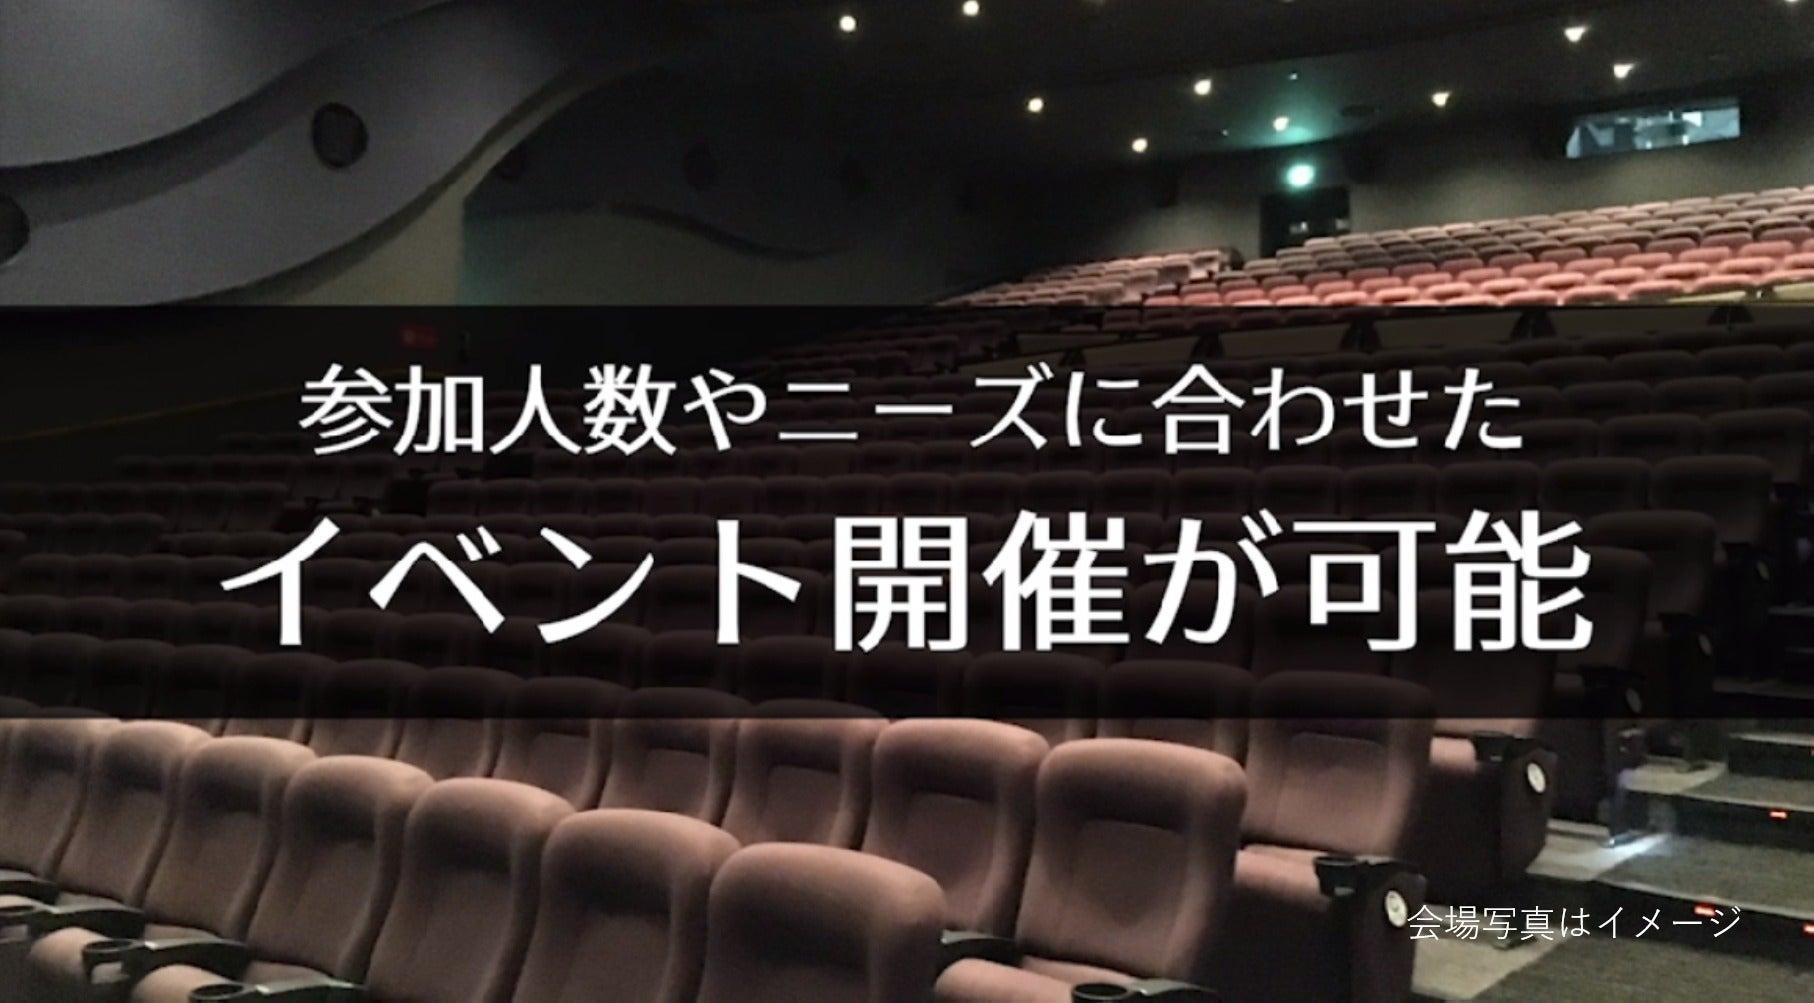 【熊本 204席】映画館で、会社説明会、株主総会、講演会の企画はいかがですか?(ユナイテッド・シネマ熊本) の写真0